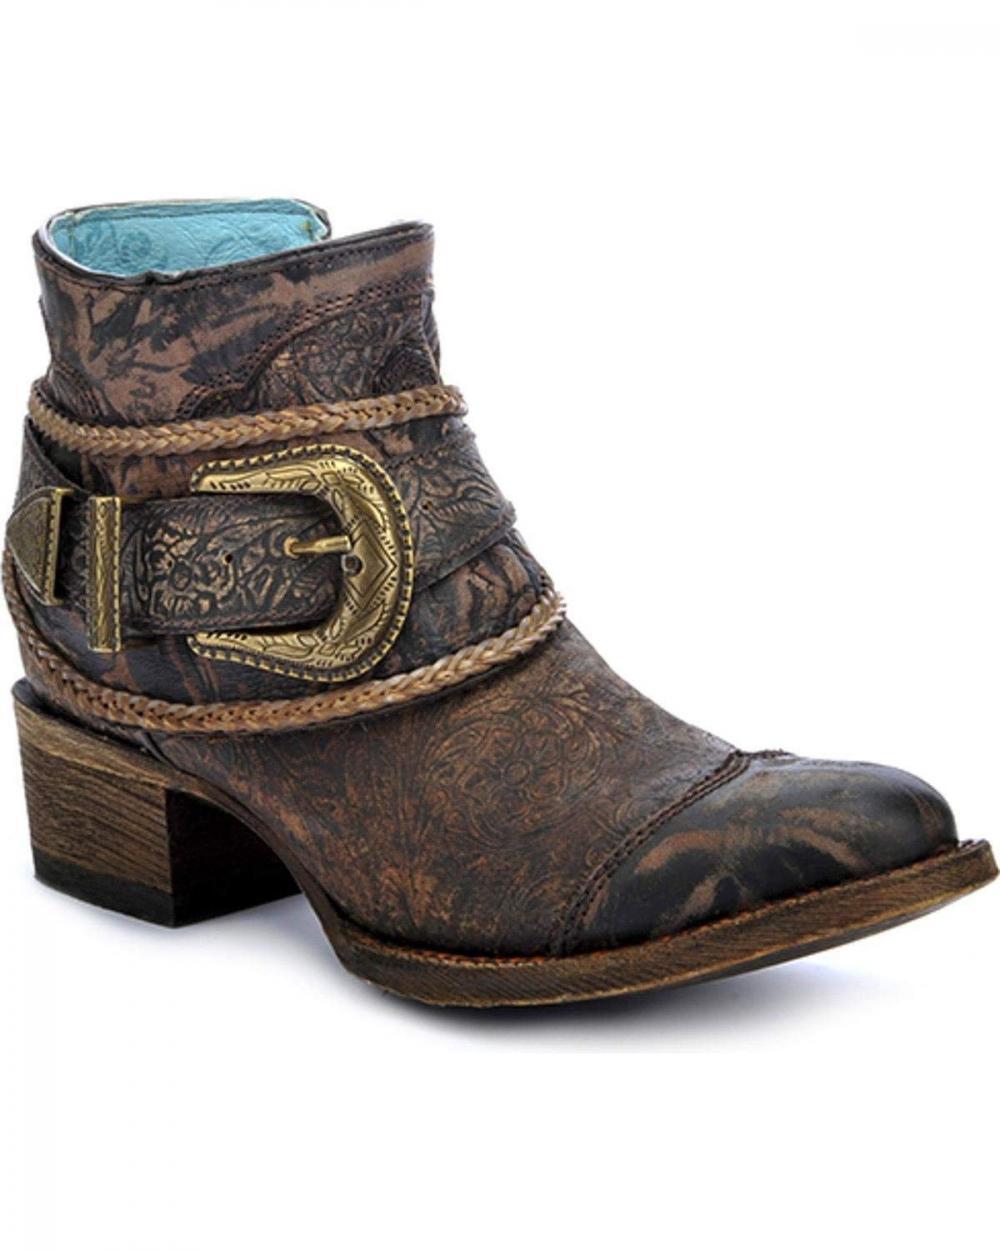 Corral botas para Mujer Mujer Mujer A3123 ca9bb9